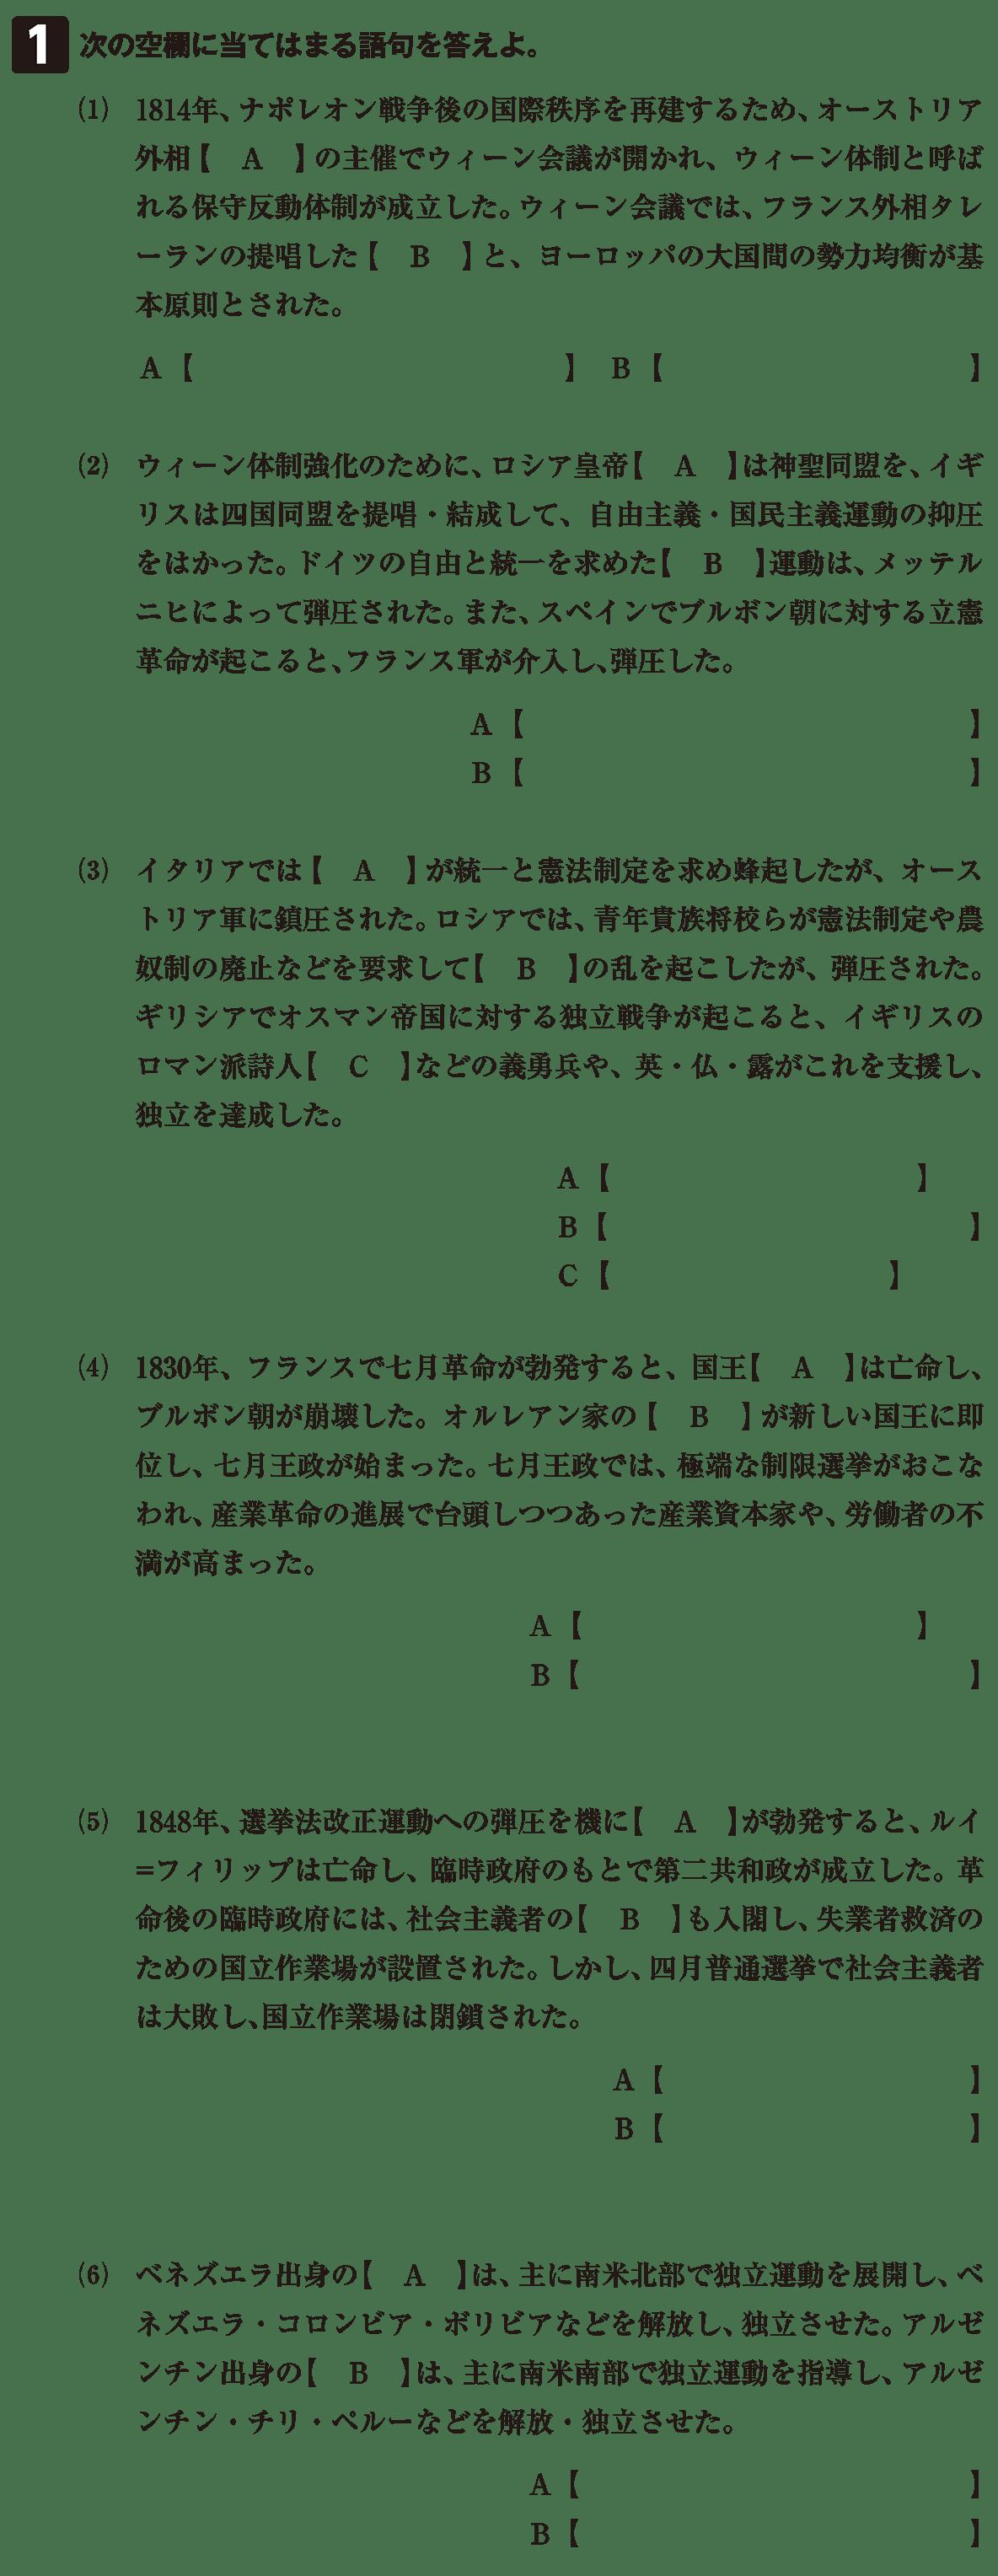 高校世界史 ウィーン体制の成立と崩壊5 確認テスト(前半)